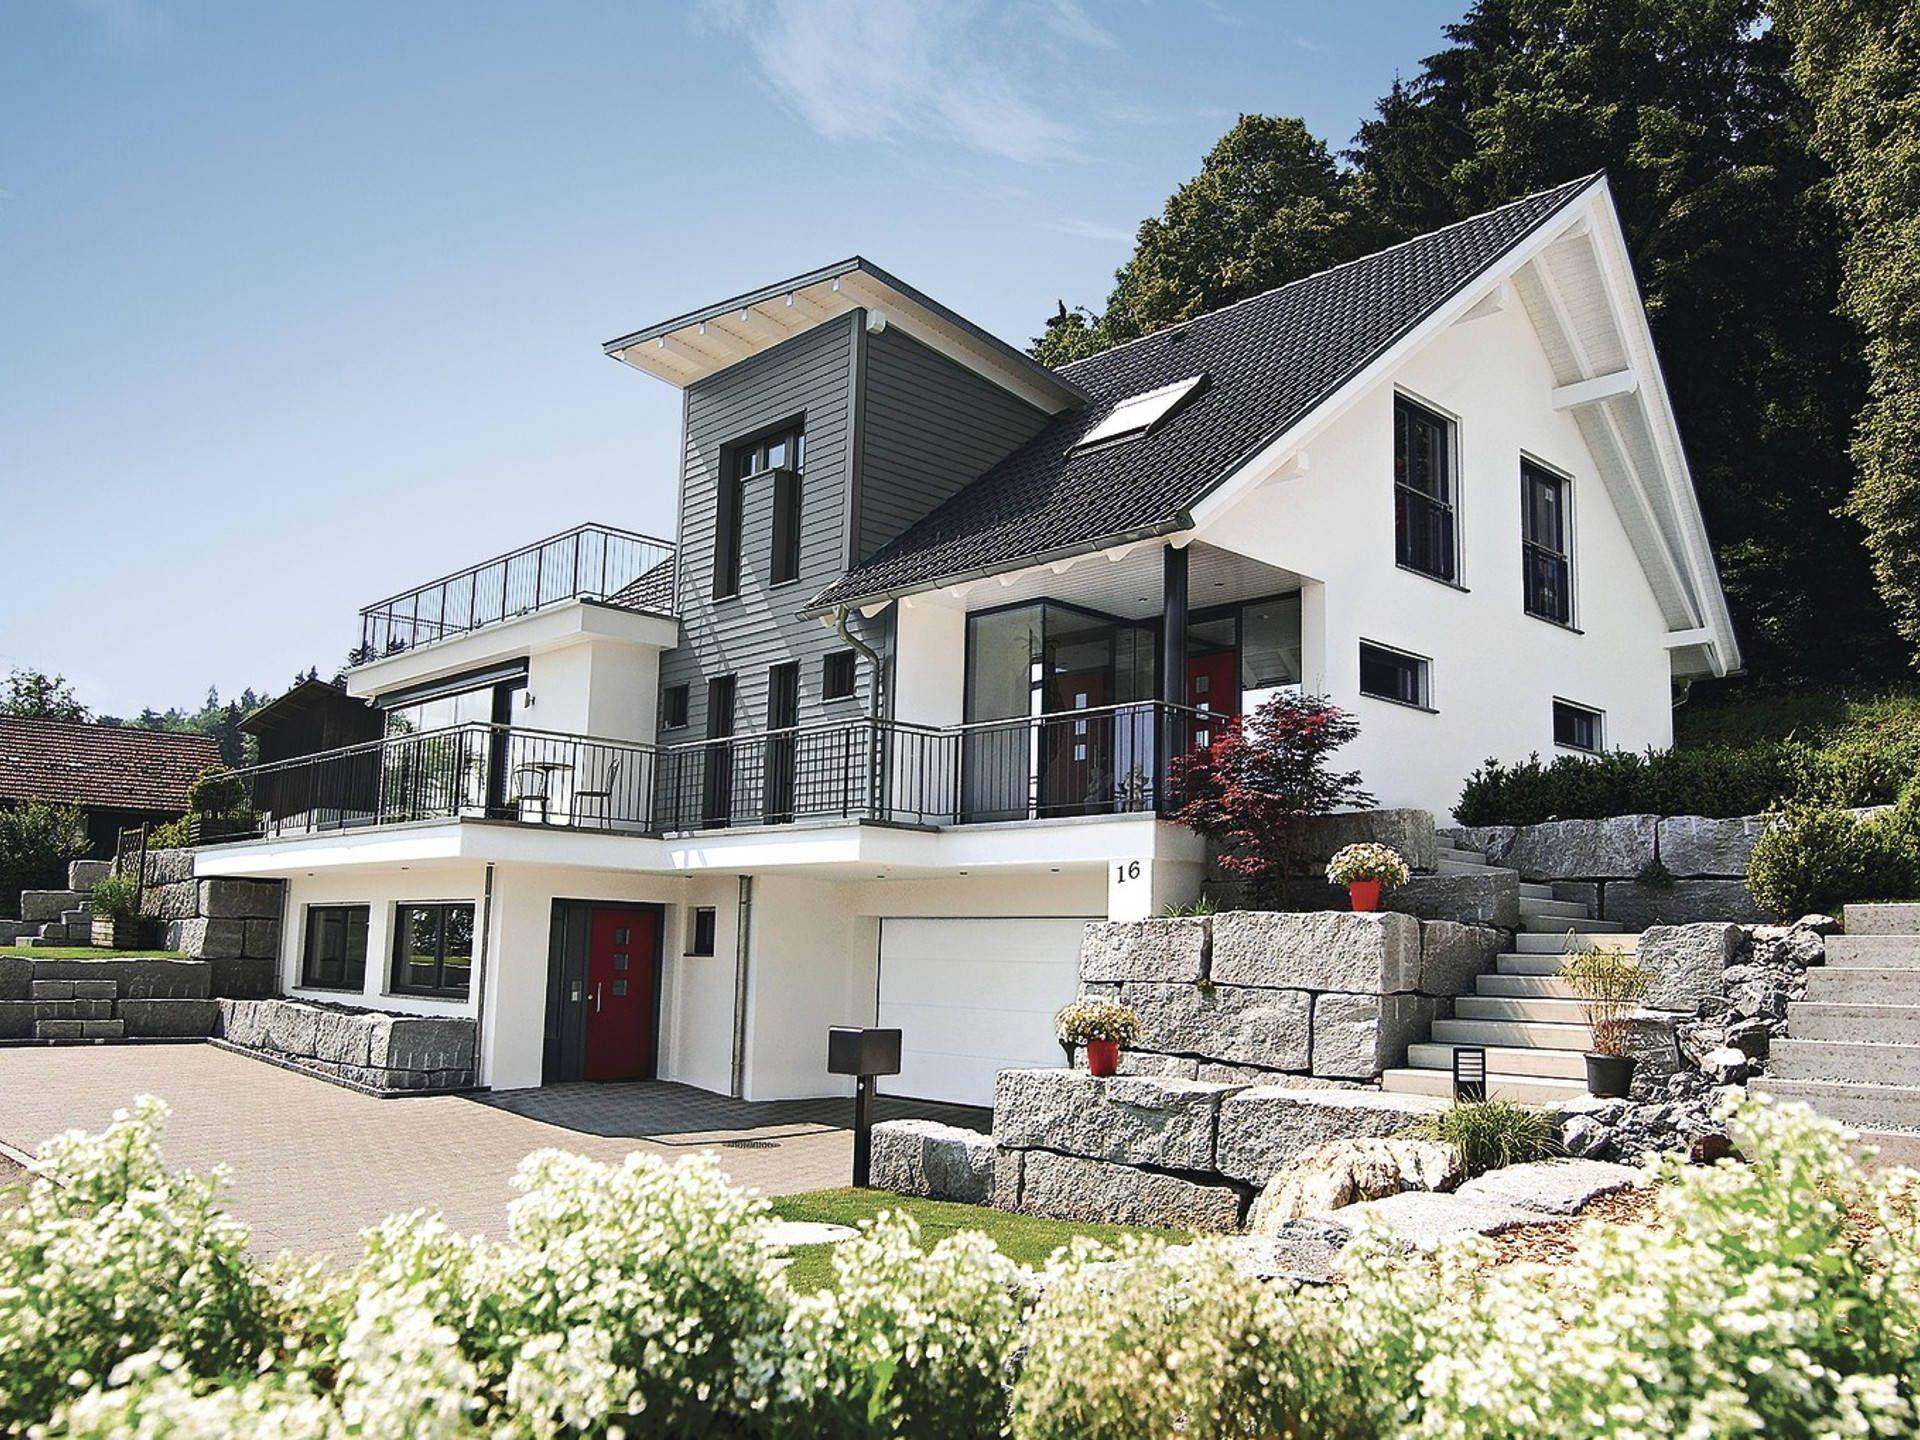 Einfamilienhaus mit hanglage architektenhaus von for Modernes haus mit holzschindeln